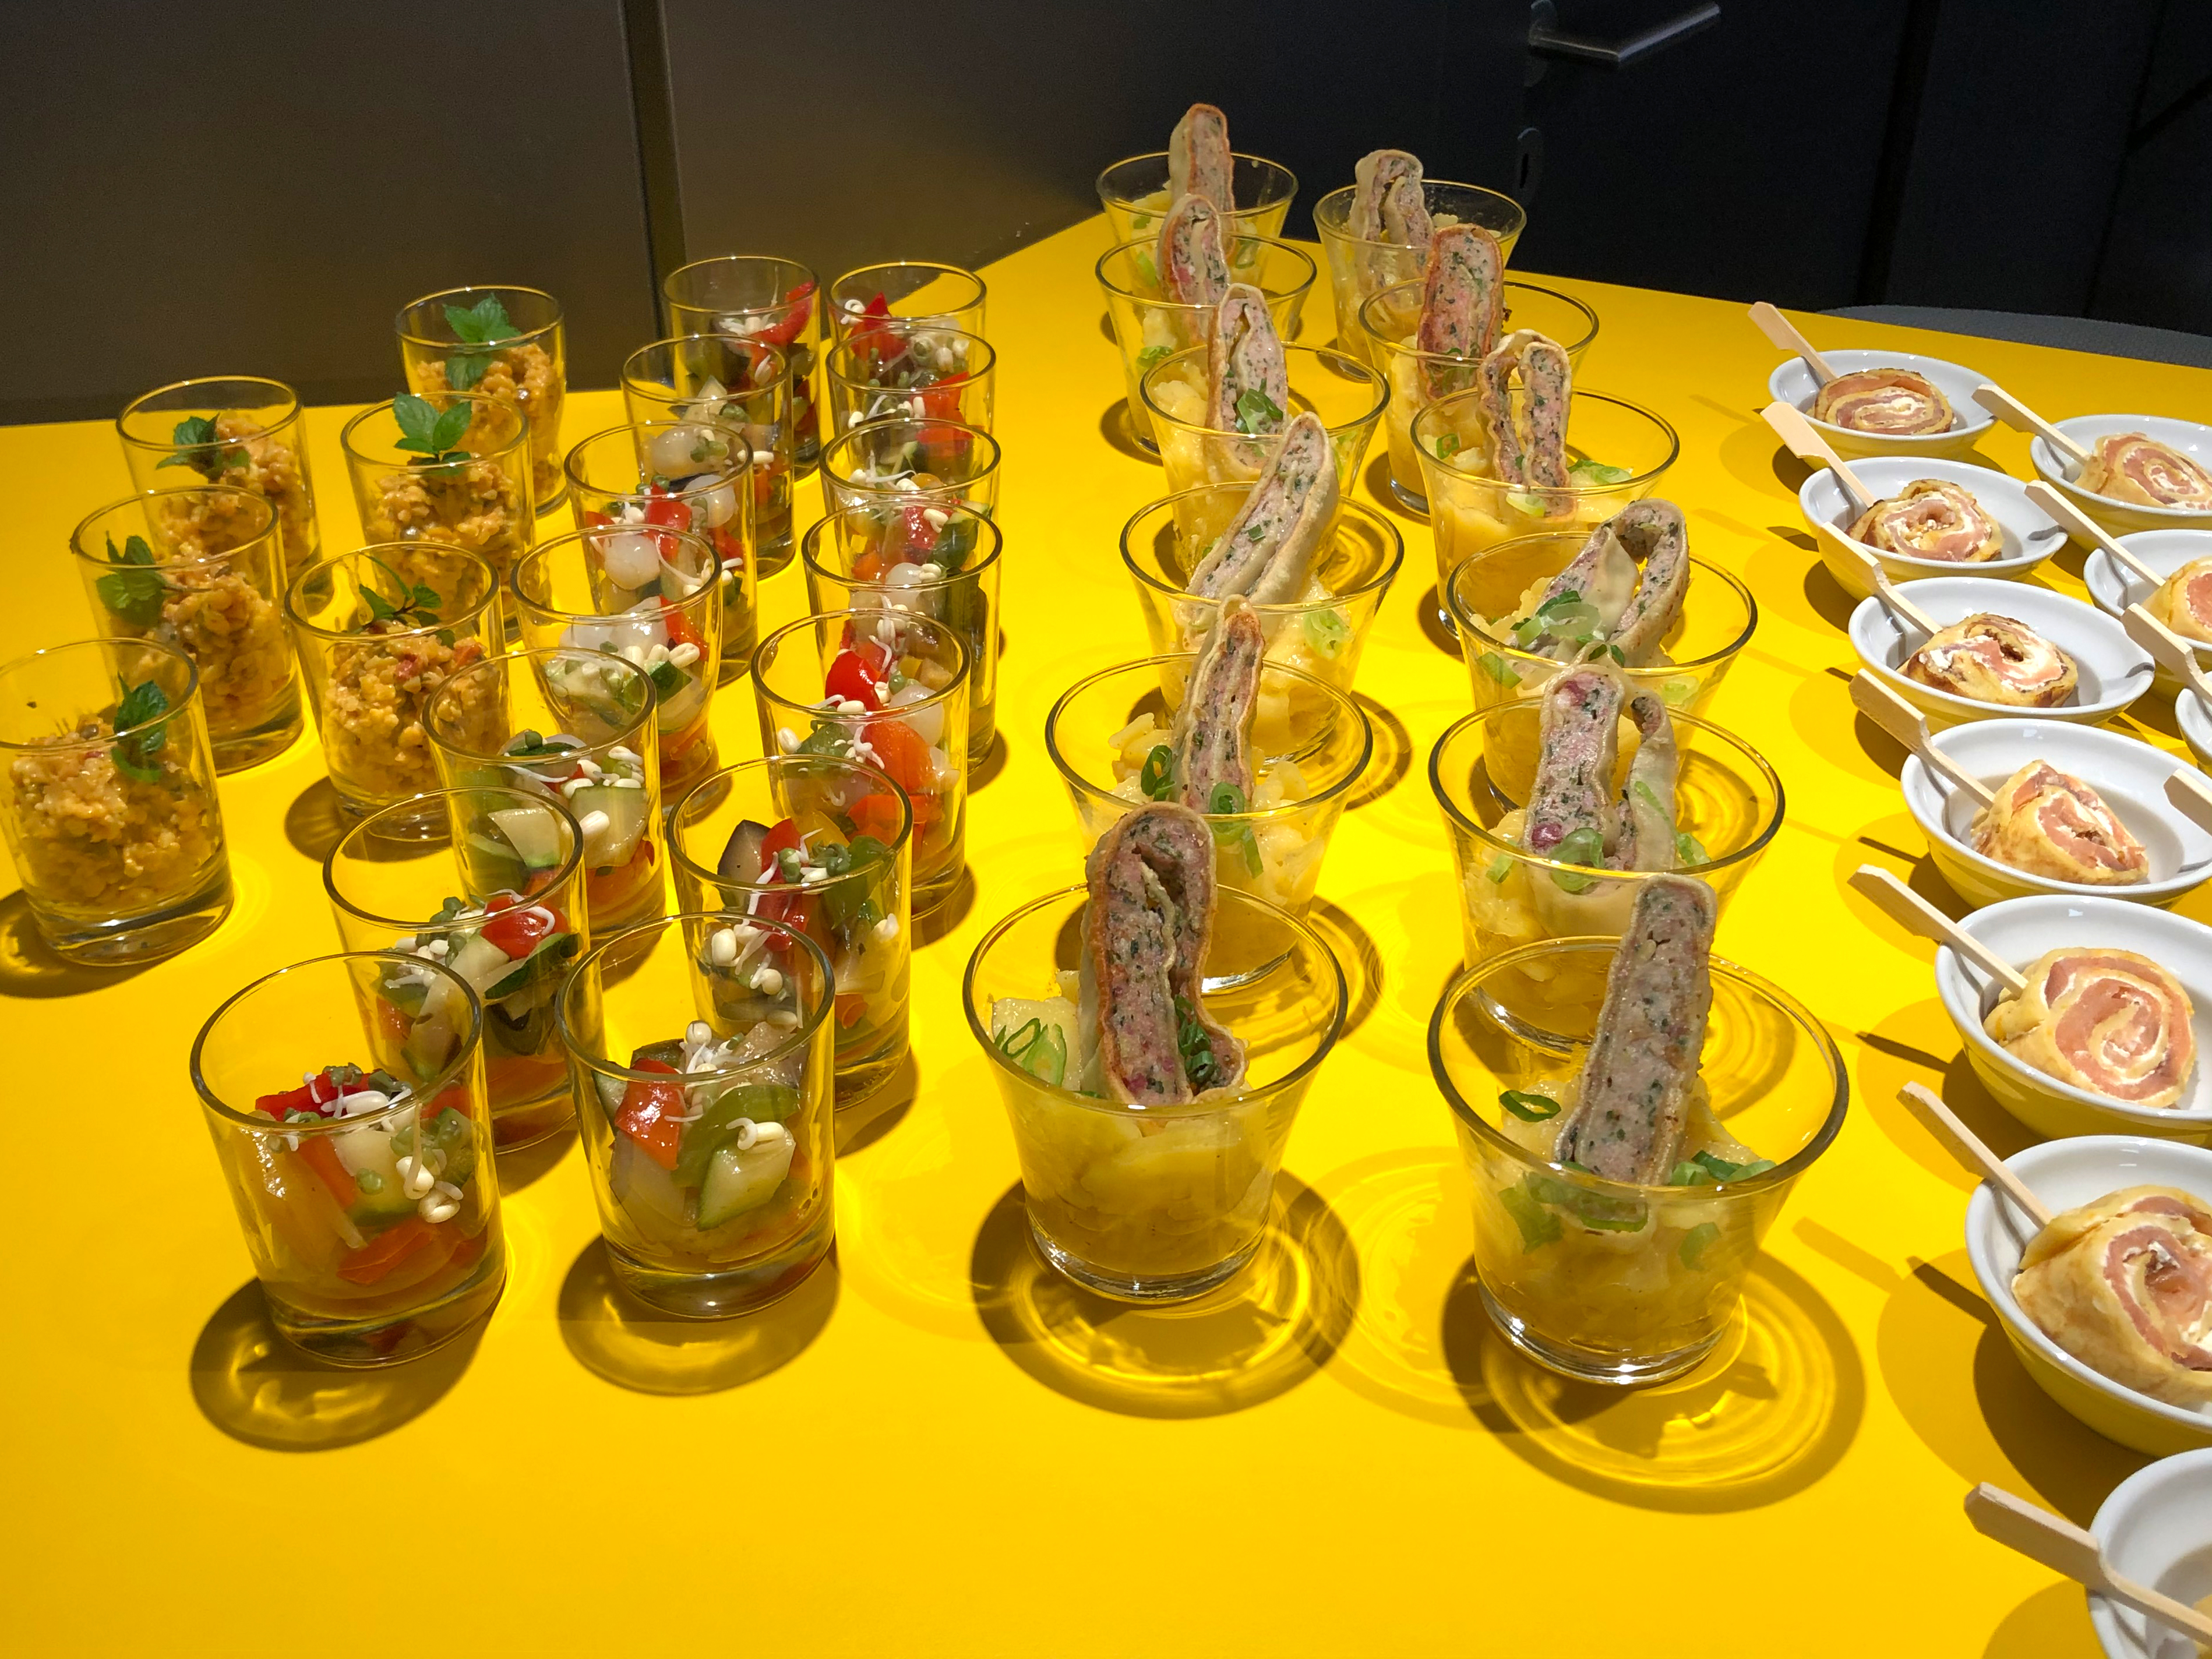 News Foto Lounge Fingerfood 2 - Gepflegt chillen und arbeiten: Innovabee weiht neue Lounge ein